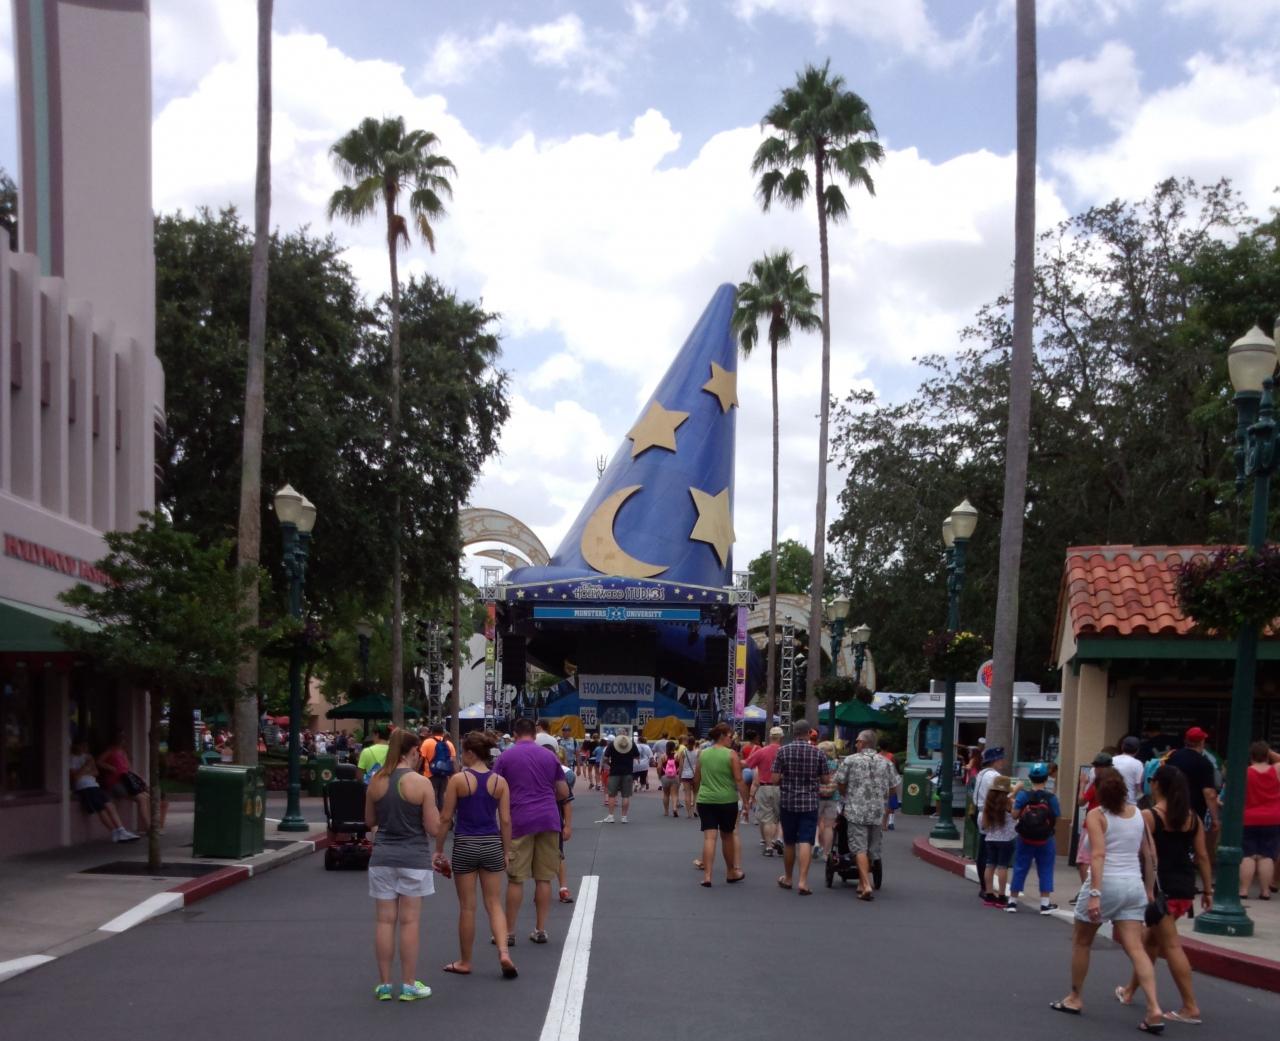 2013年夏休み フロリダディズニーワールドへの旅(3日目アニマル